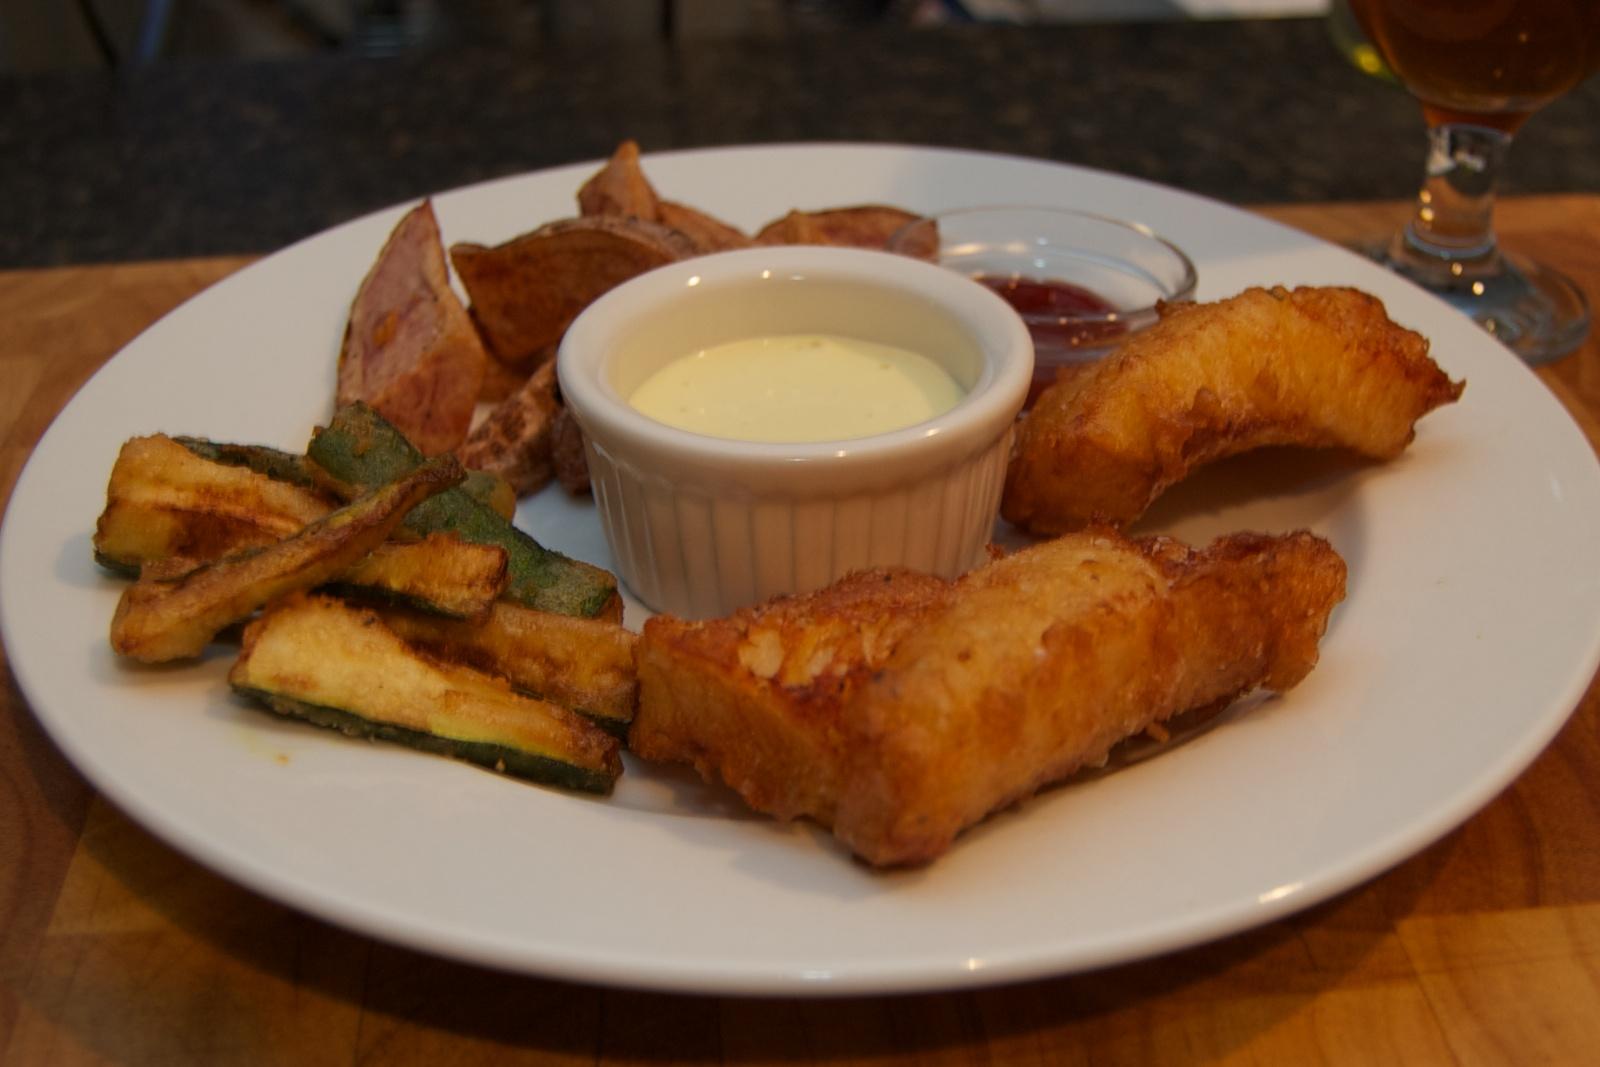 http://blog.rickk.com/food/2010/11/12/fishandchips1.jpg